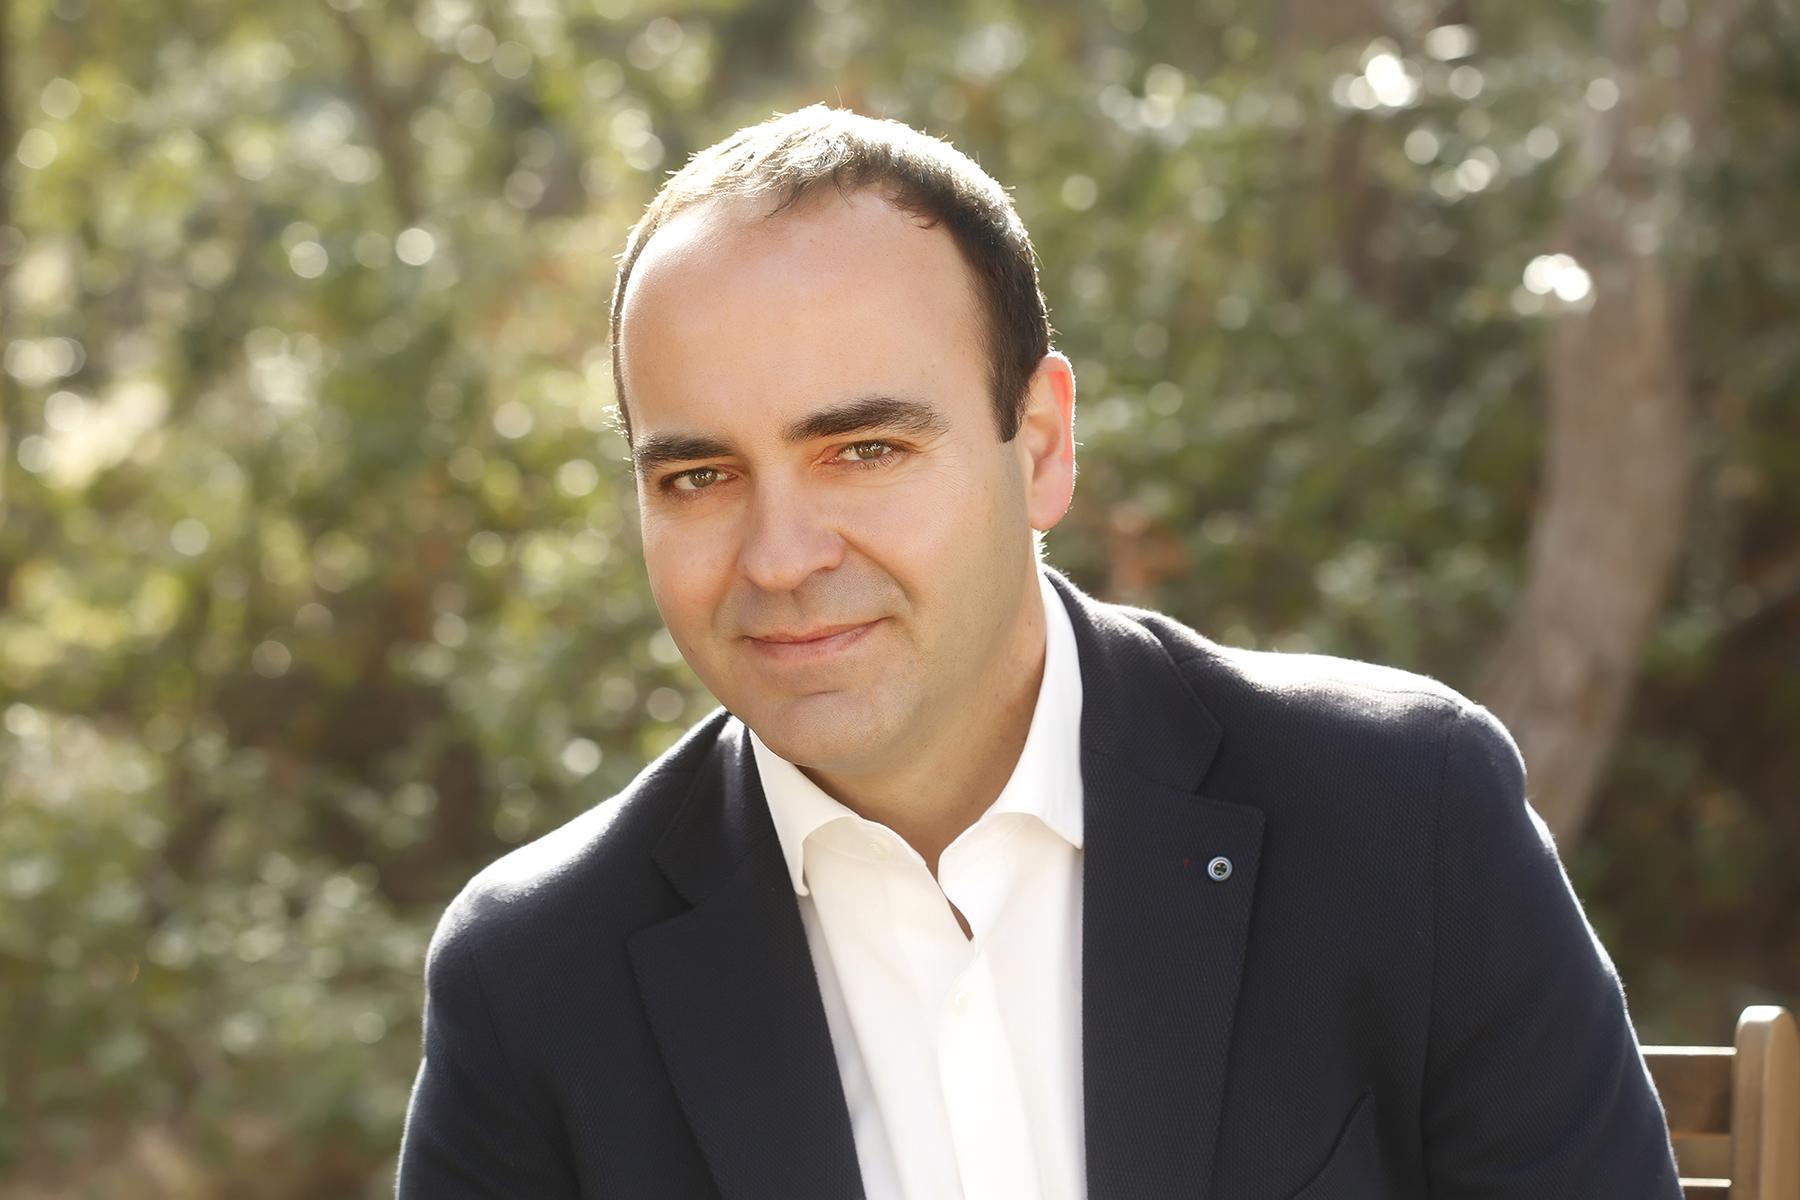 Entrevista al portavoz de Ciudadanos y diputado provincial, Domingo Vicent